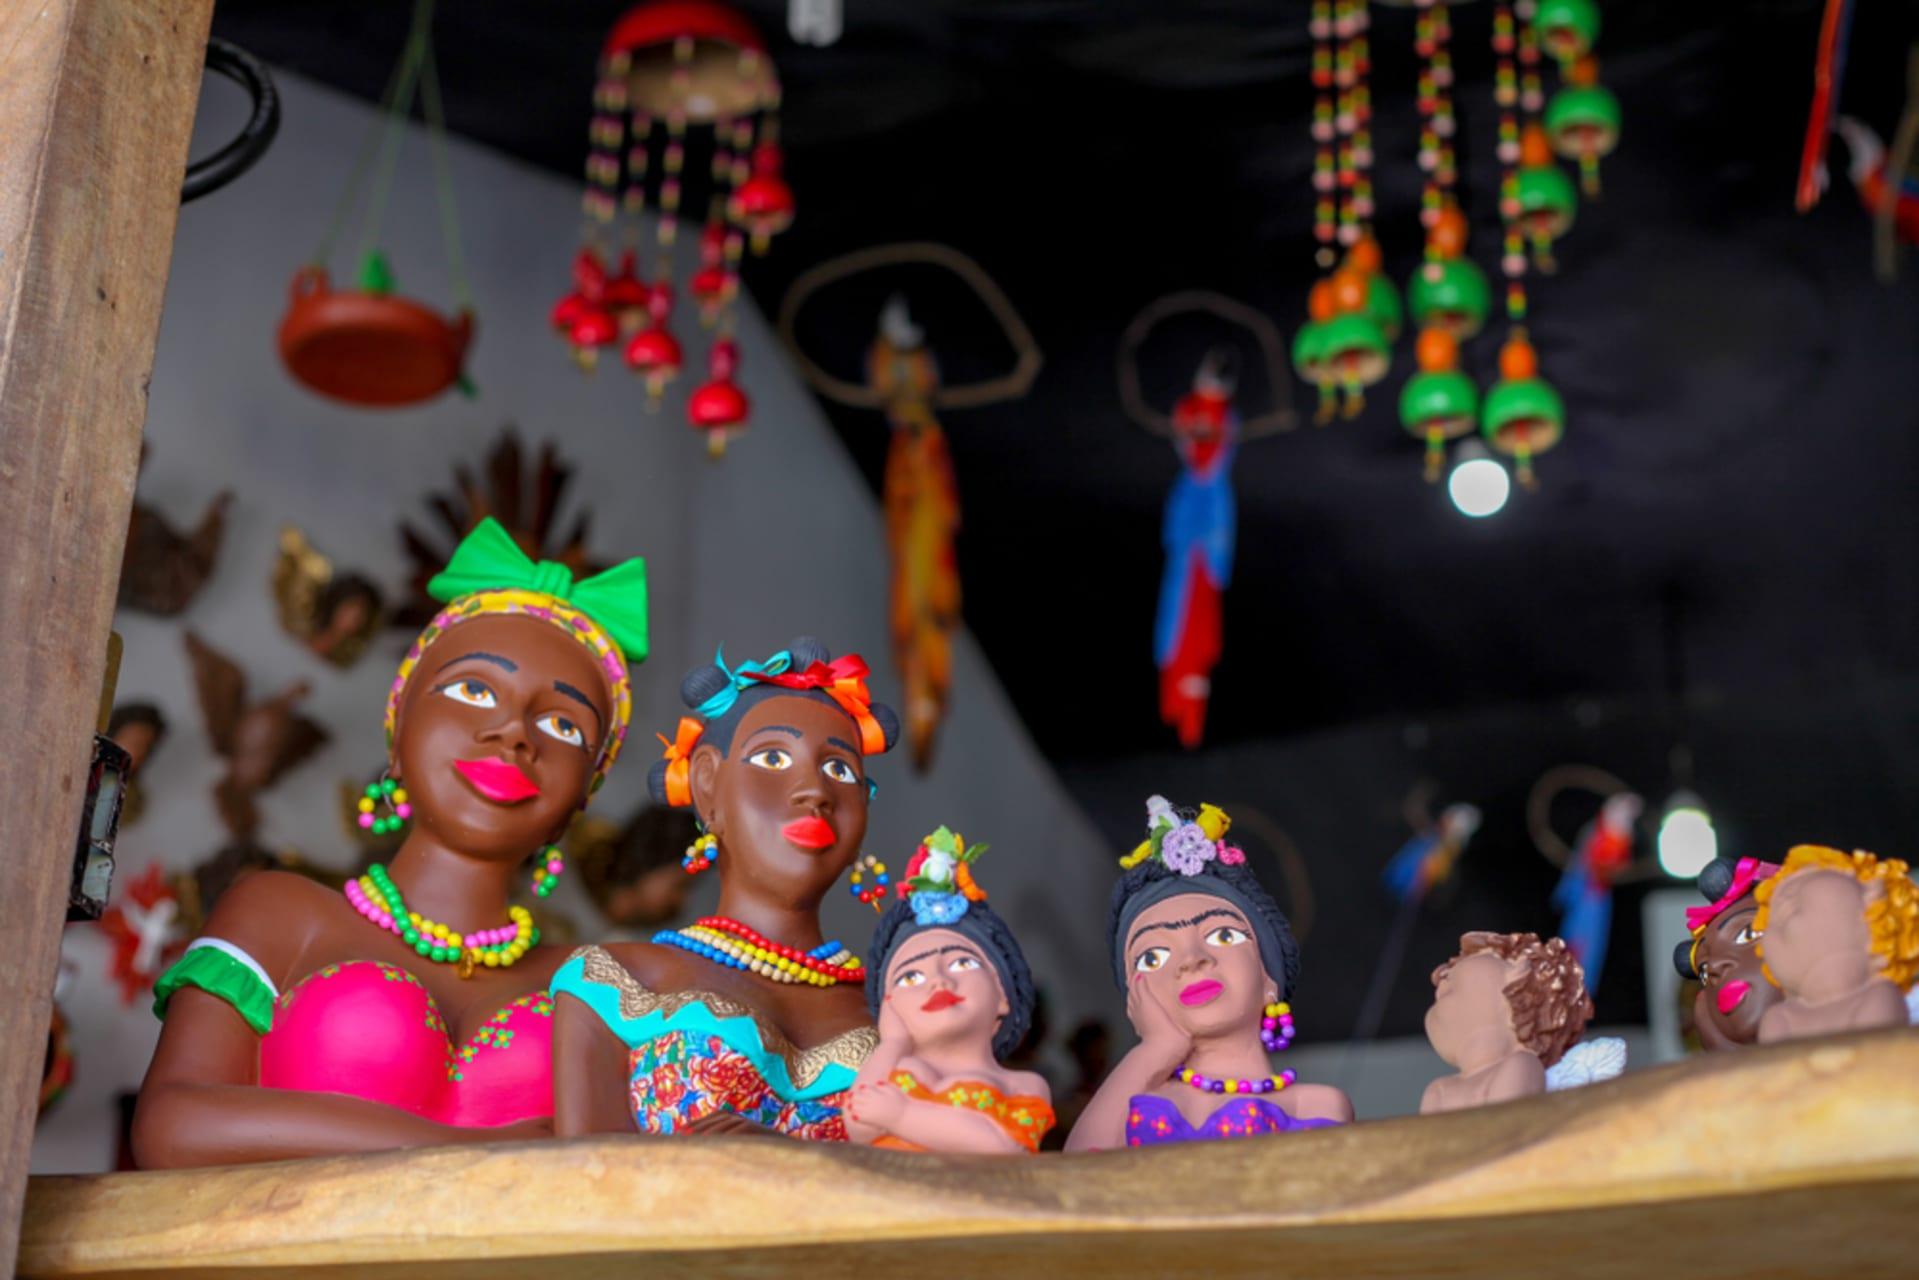 Salvador Bahia - Shopping Tour with Sayuri  - read the description before booking!